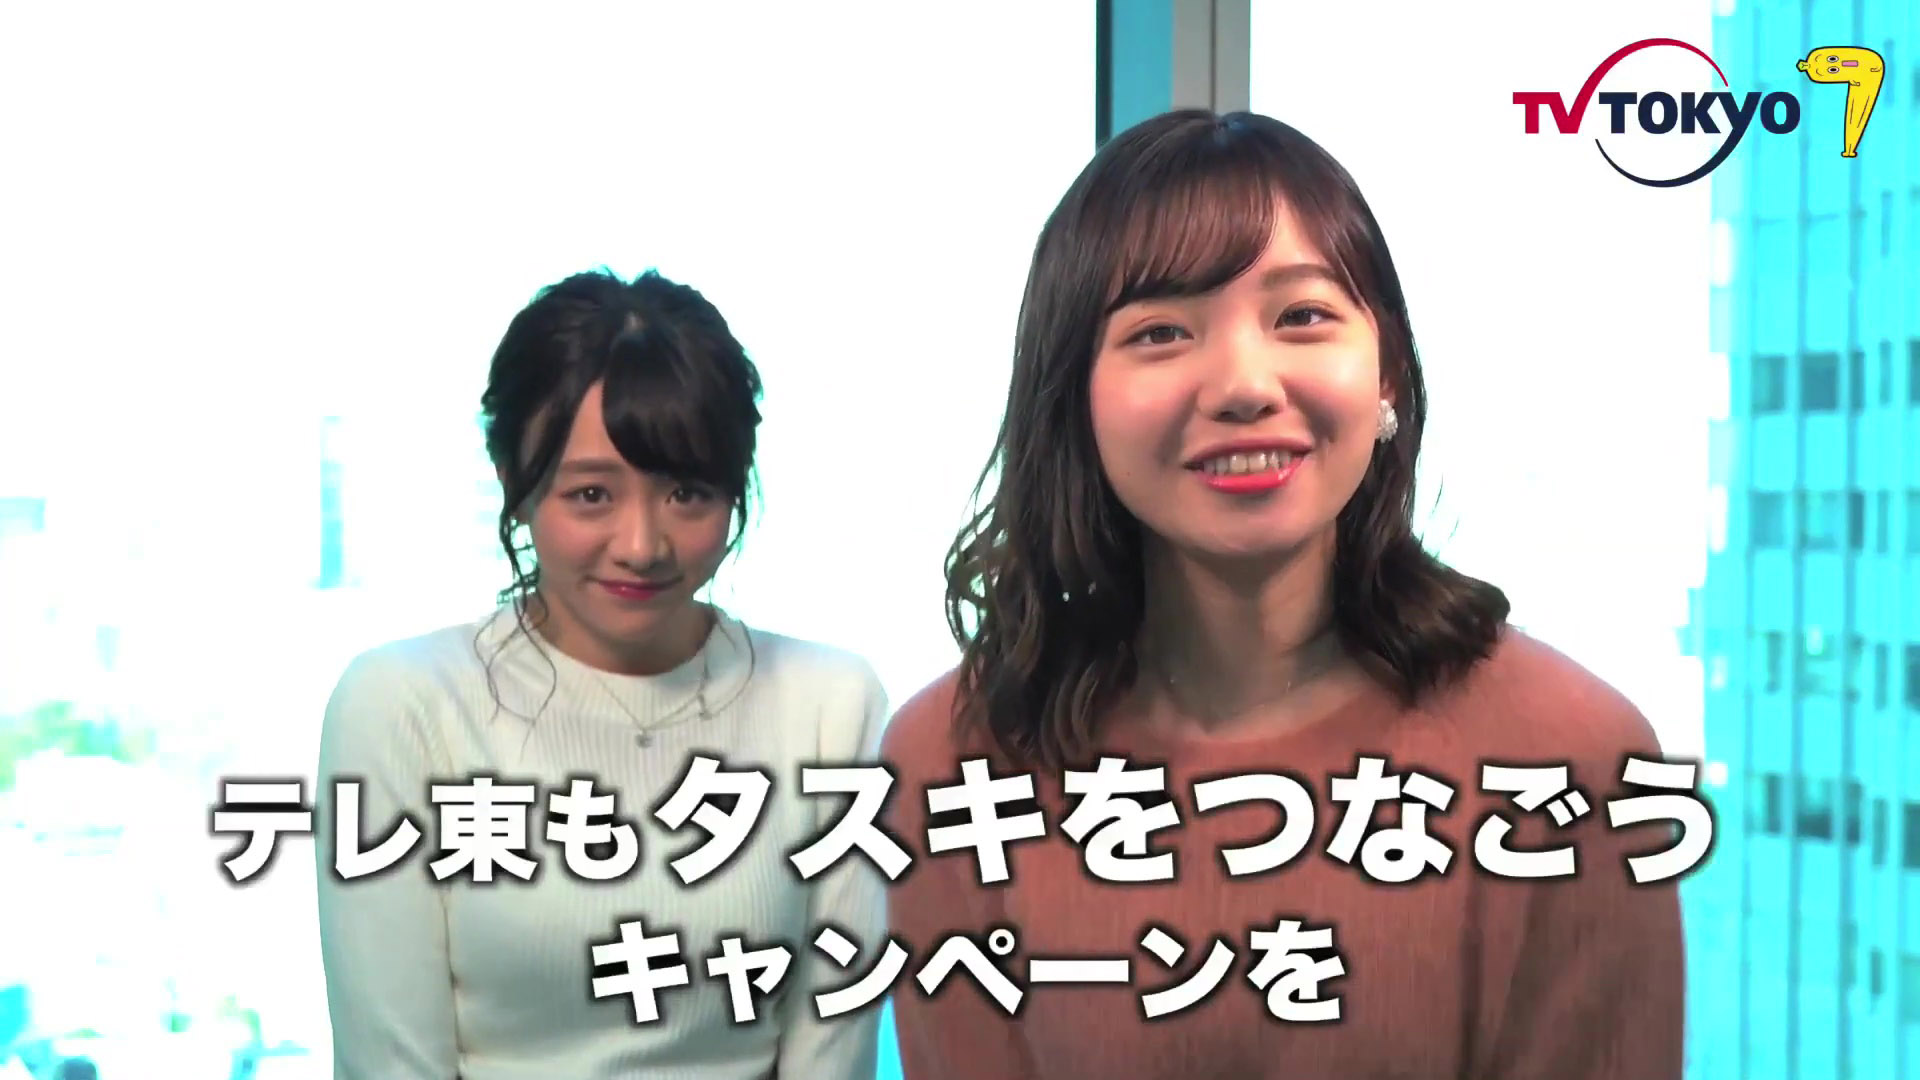 森香澄_田中瞳_女子アナ_テレ東_テレビキャプ画像_04